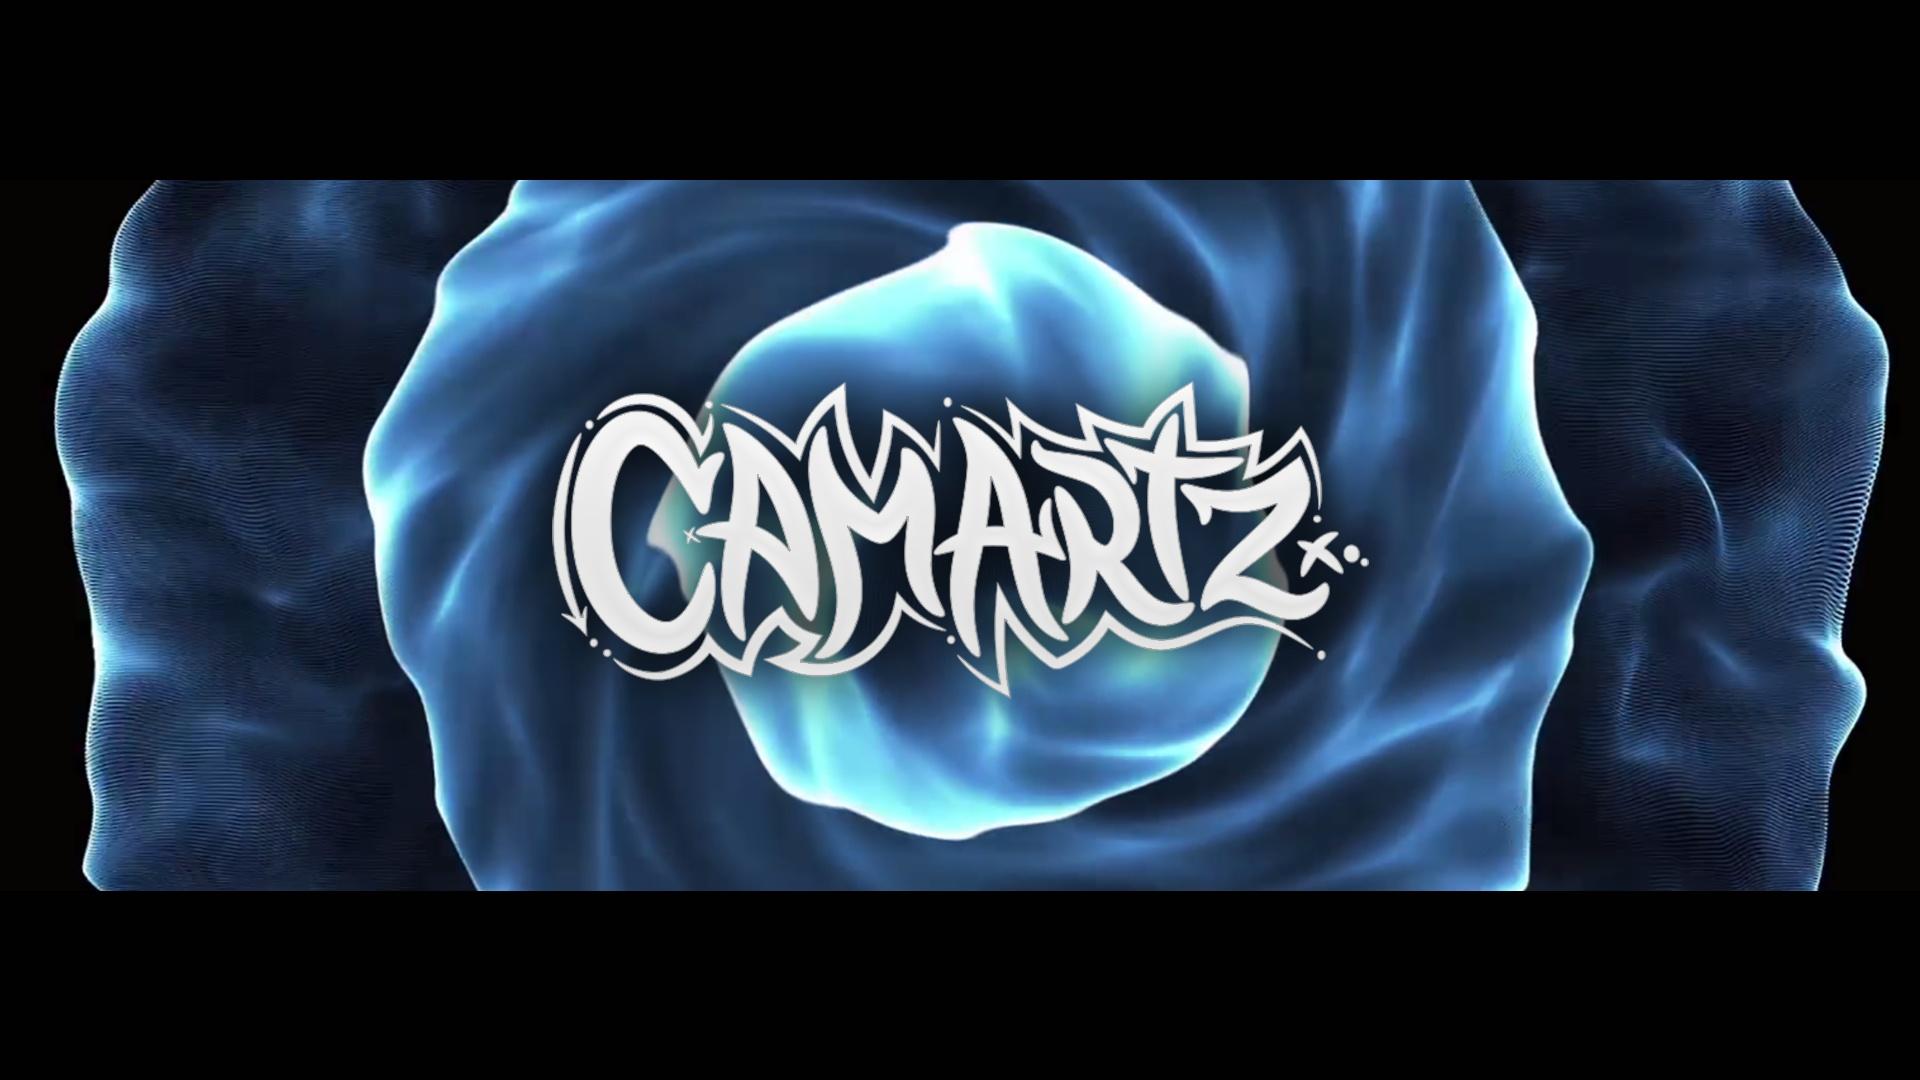 CamArtz Shockwave pack 2k16